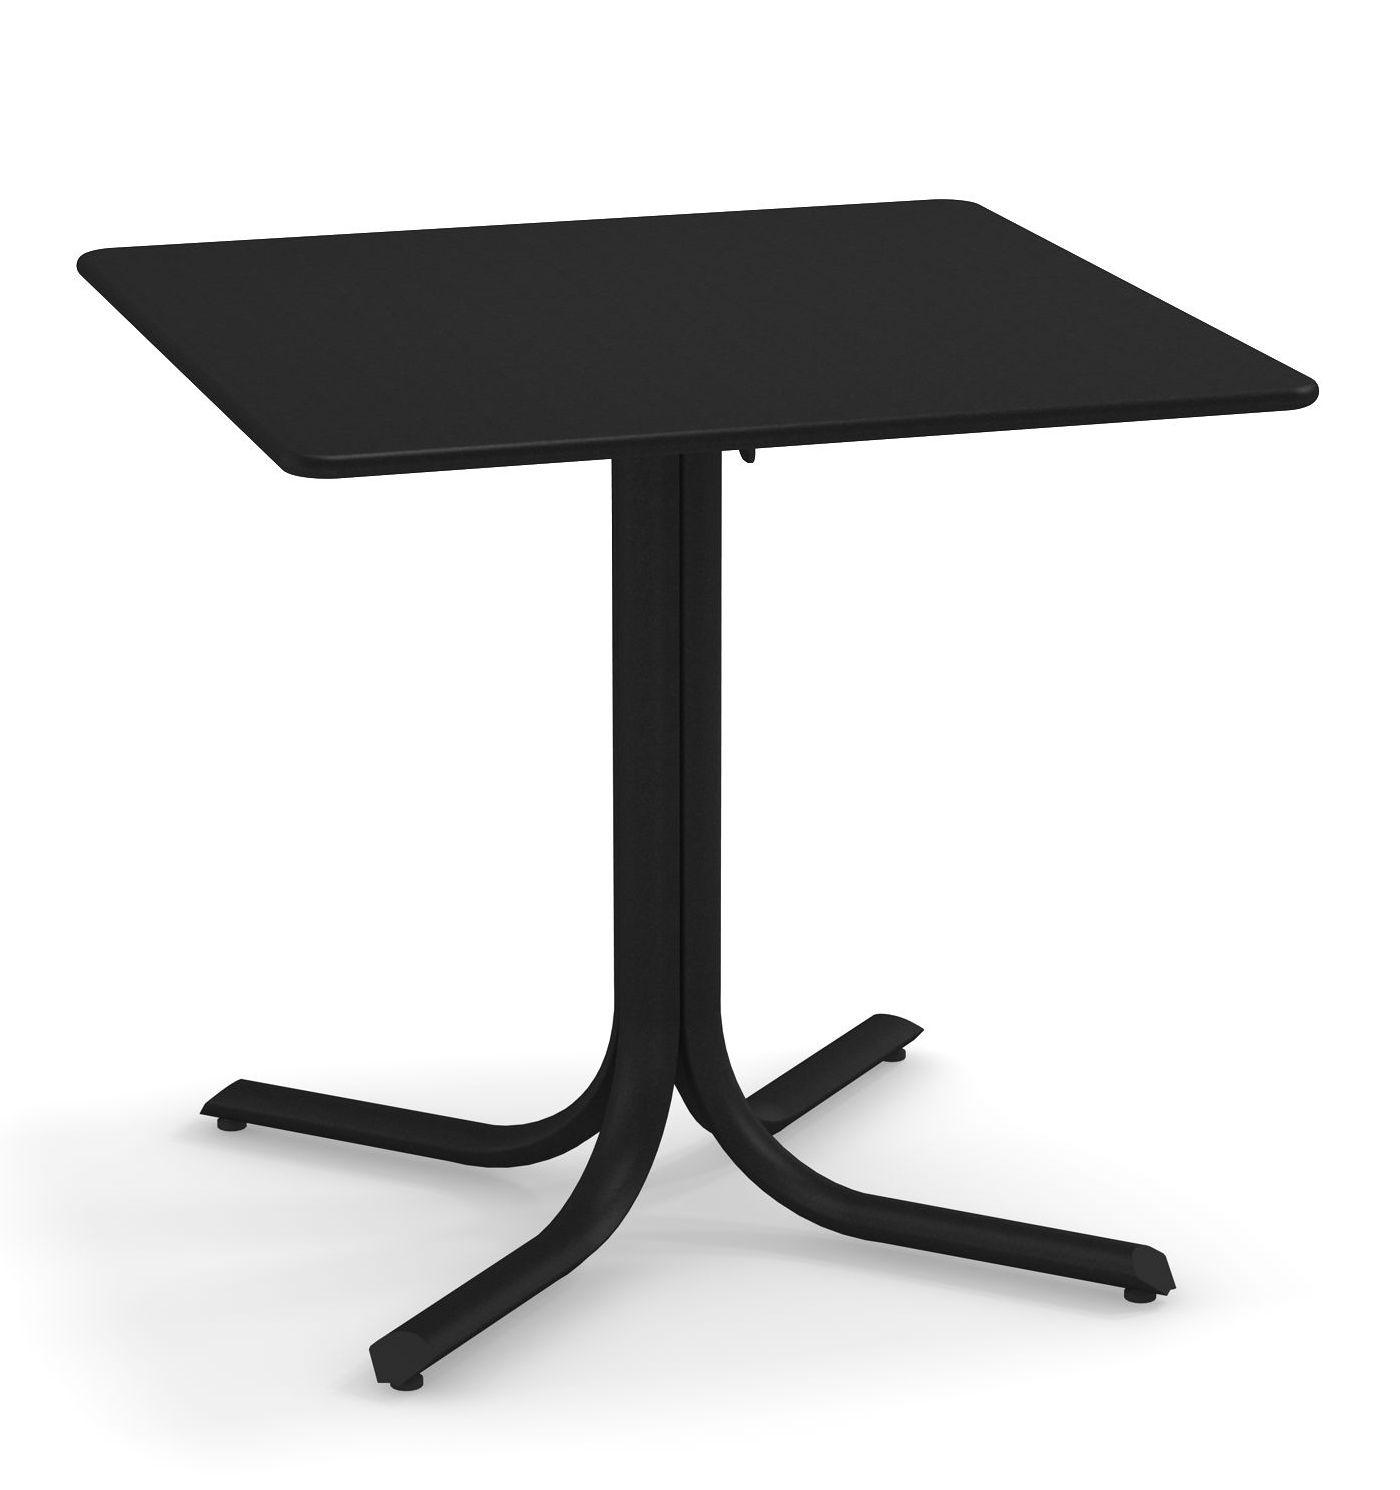 Outdoor - Tische - System Klapptisch / 80 x 80 cm - Emu - Schwarz - Verzinkter lackierter Stahl